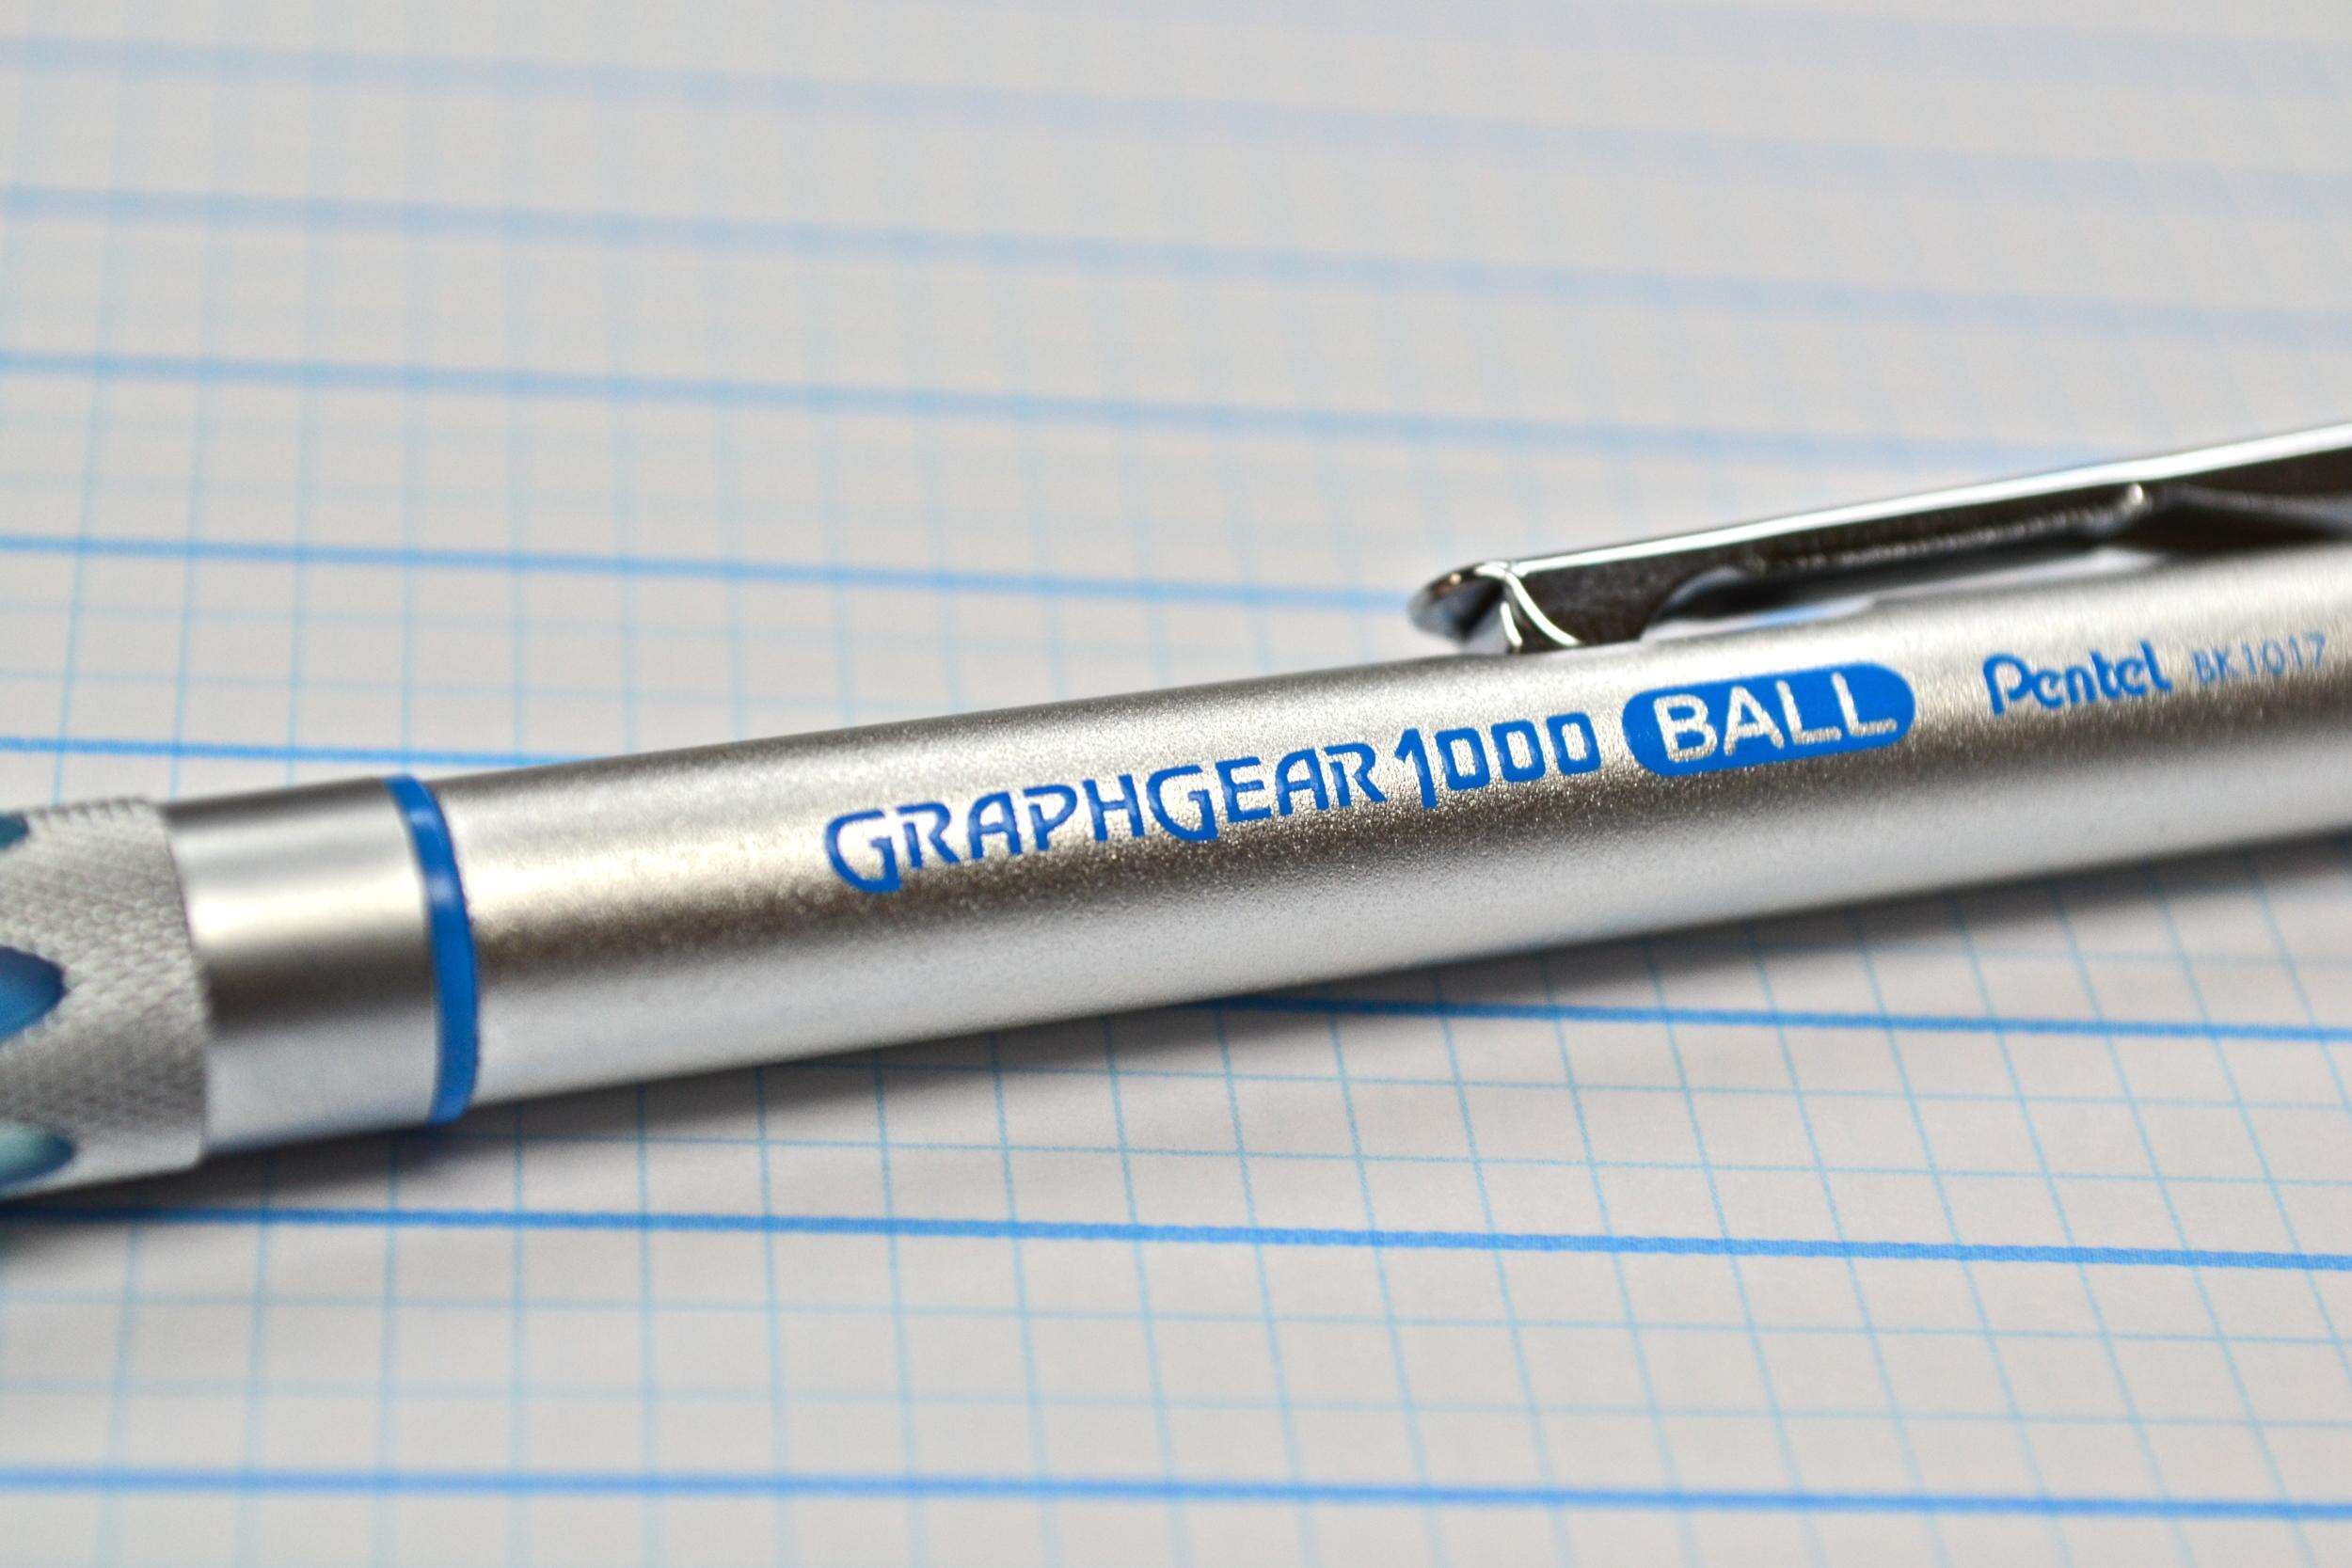 Pentel Graph Gear 1000 Ballpoint Pen Review